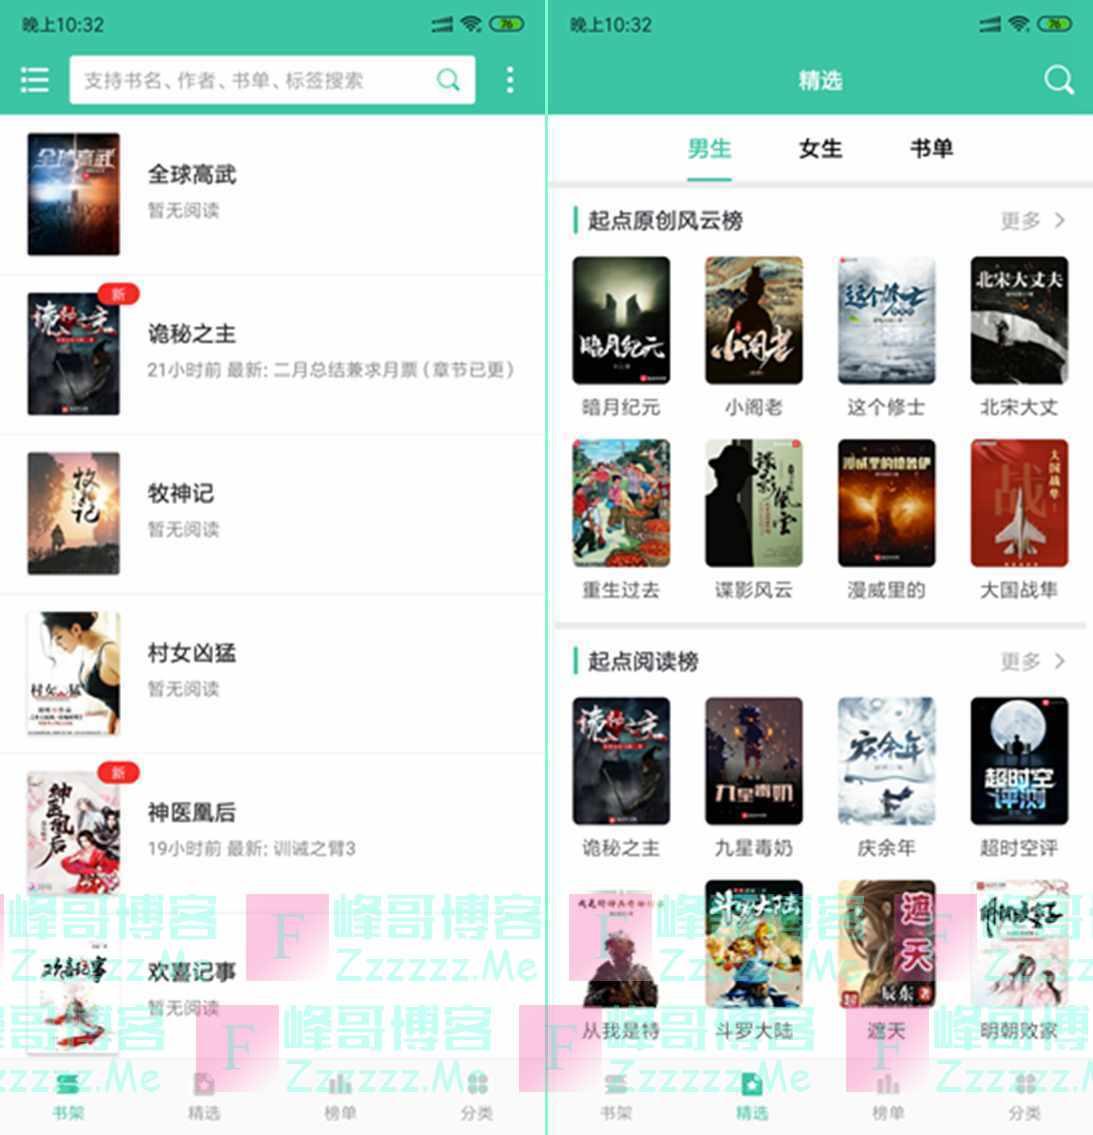 安卓蜜蜂小说V1.0.21 免登陆去广告VIP会员破解版下载